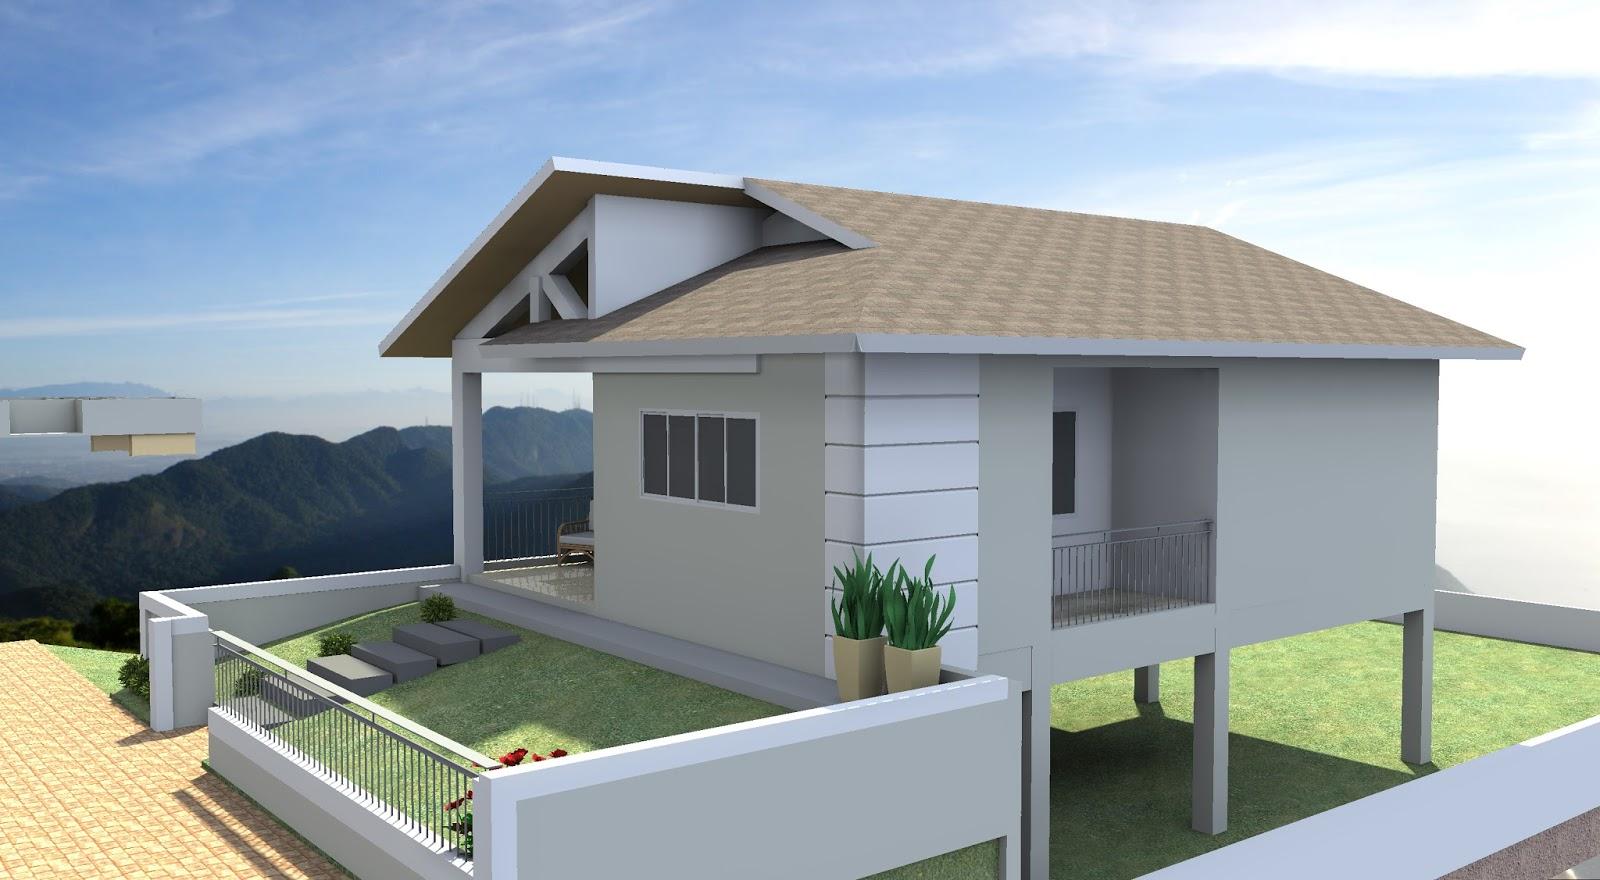 Urbanismo: Projetos para Minha Casa Minha Vida do Governo Federal #346097 1600 880